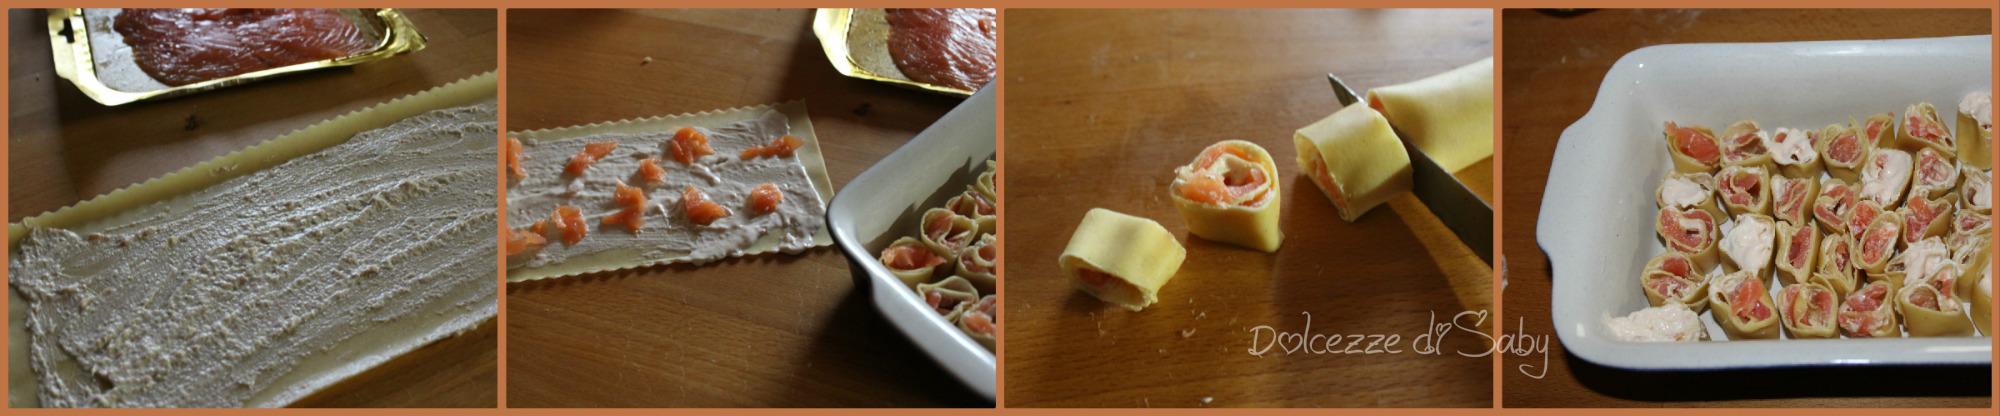 rotolini di pasta al salmone